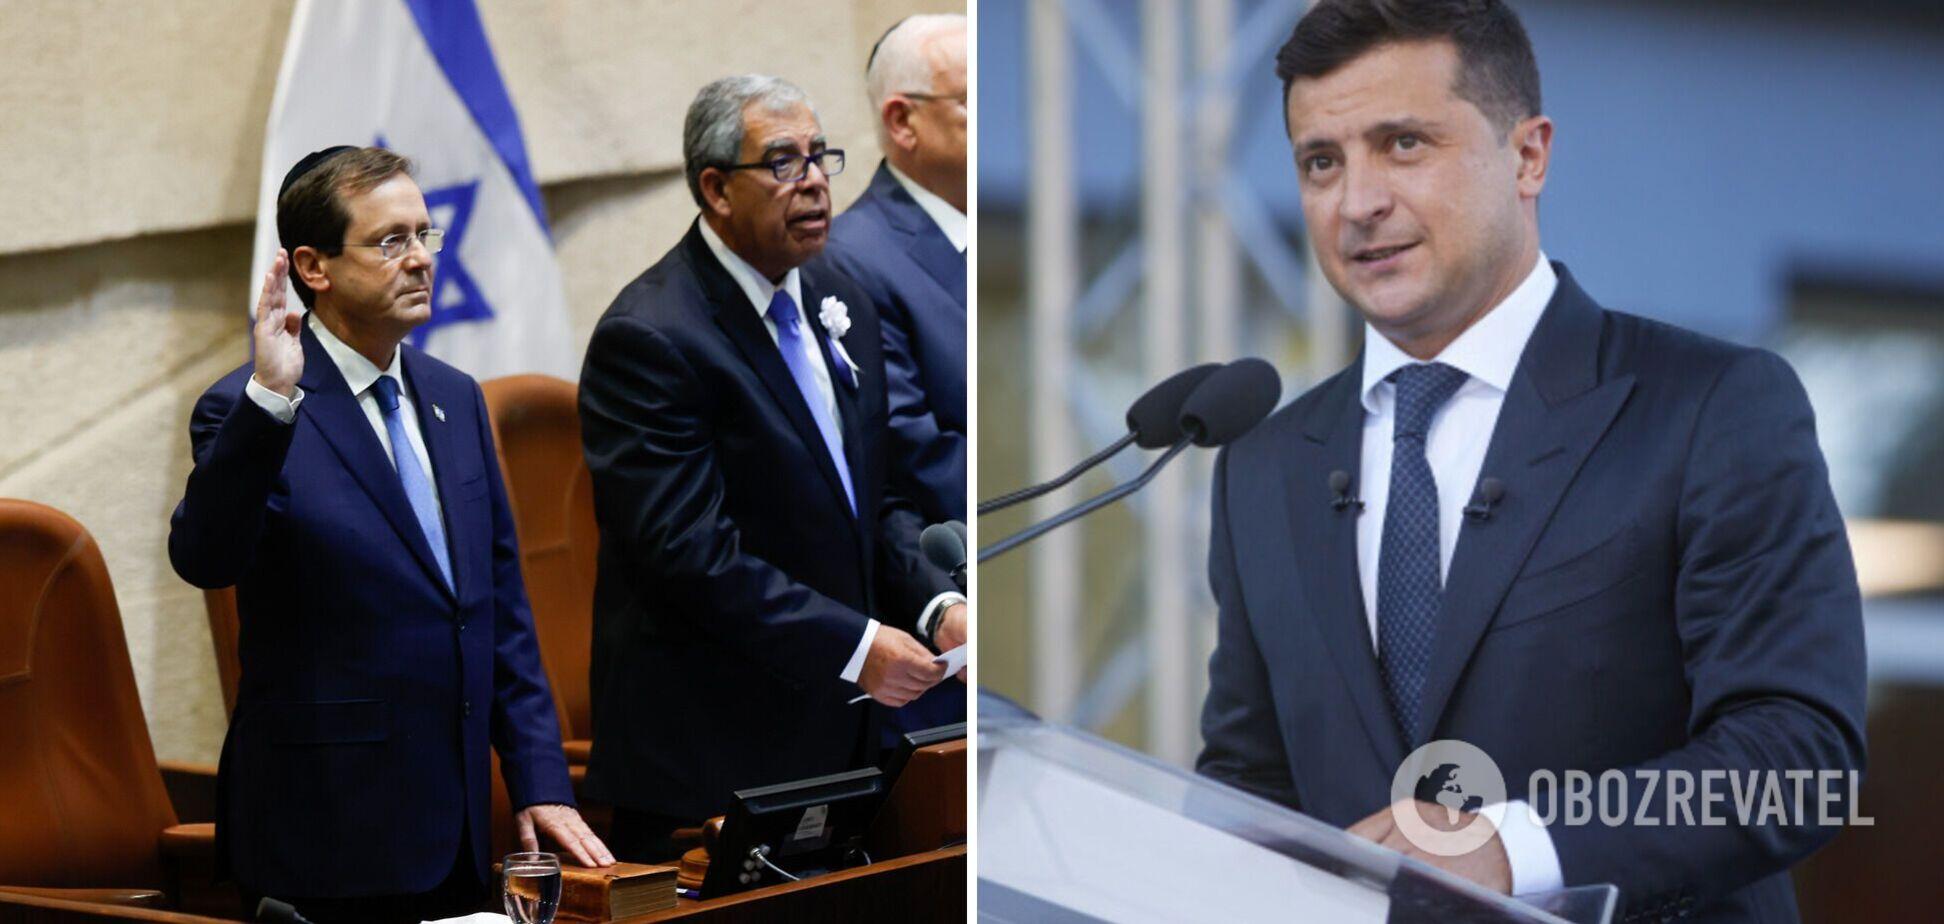 В Ізраїлі новим президентом став син старого: Зеленський привітав Герцога з інавгурацією. Фото